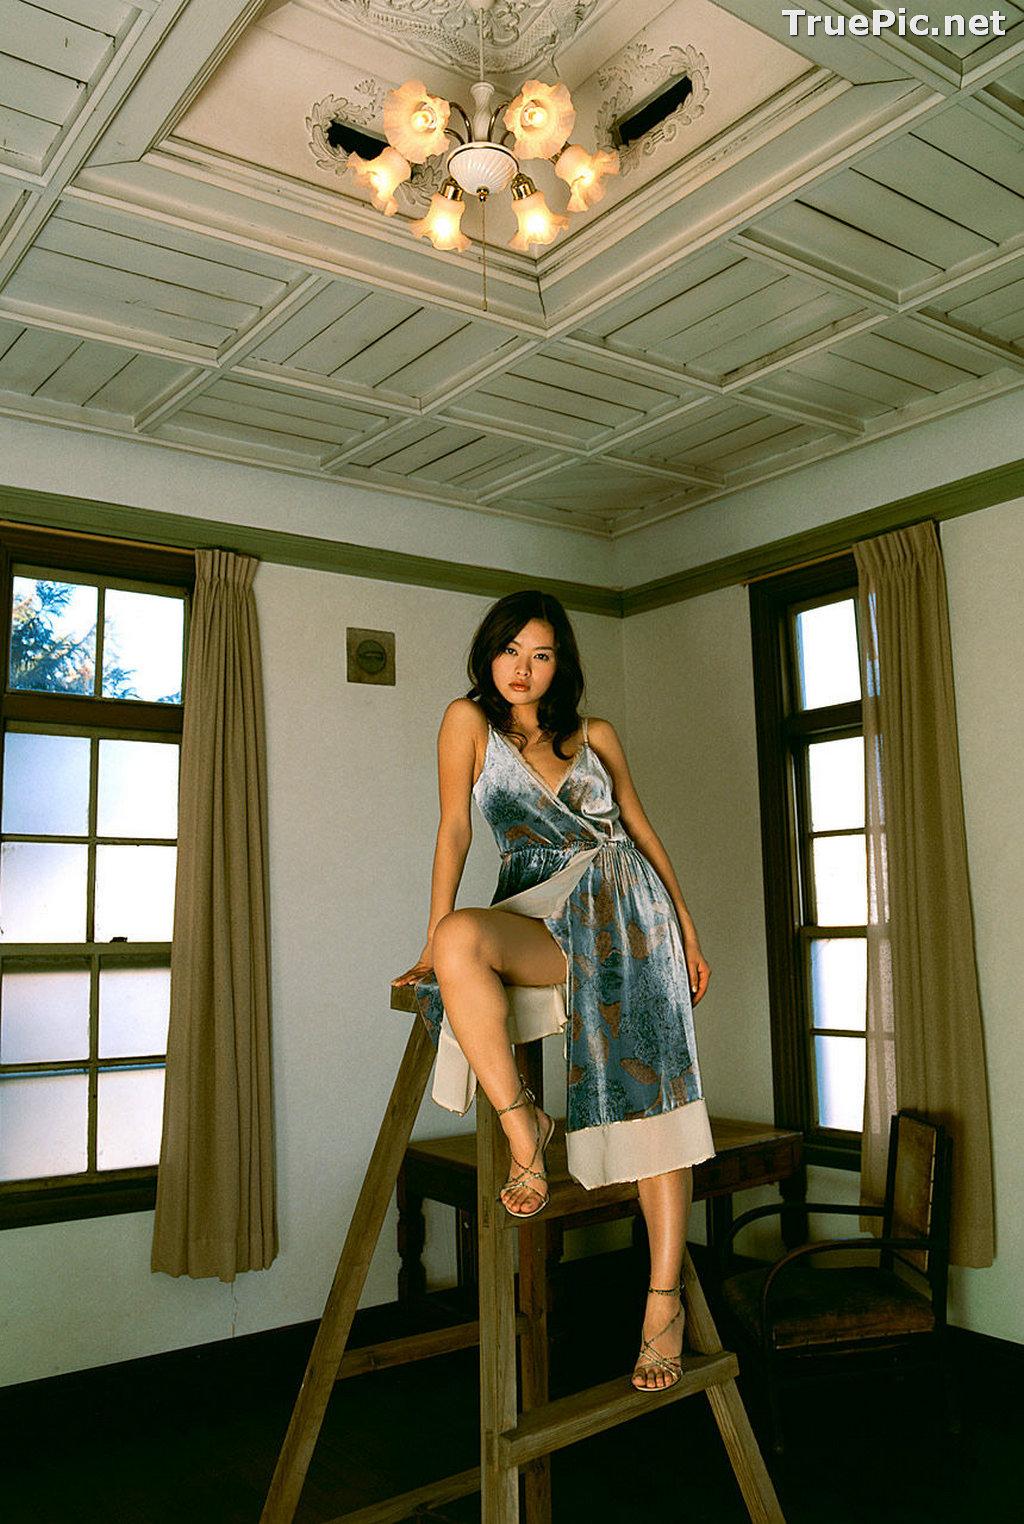 Image Japanese Actress and Model - Sayaka Yoshino - Saya Photo Album - TruePic.net - Picture-5